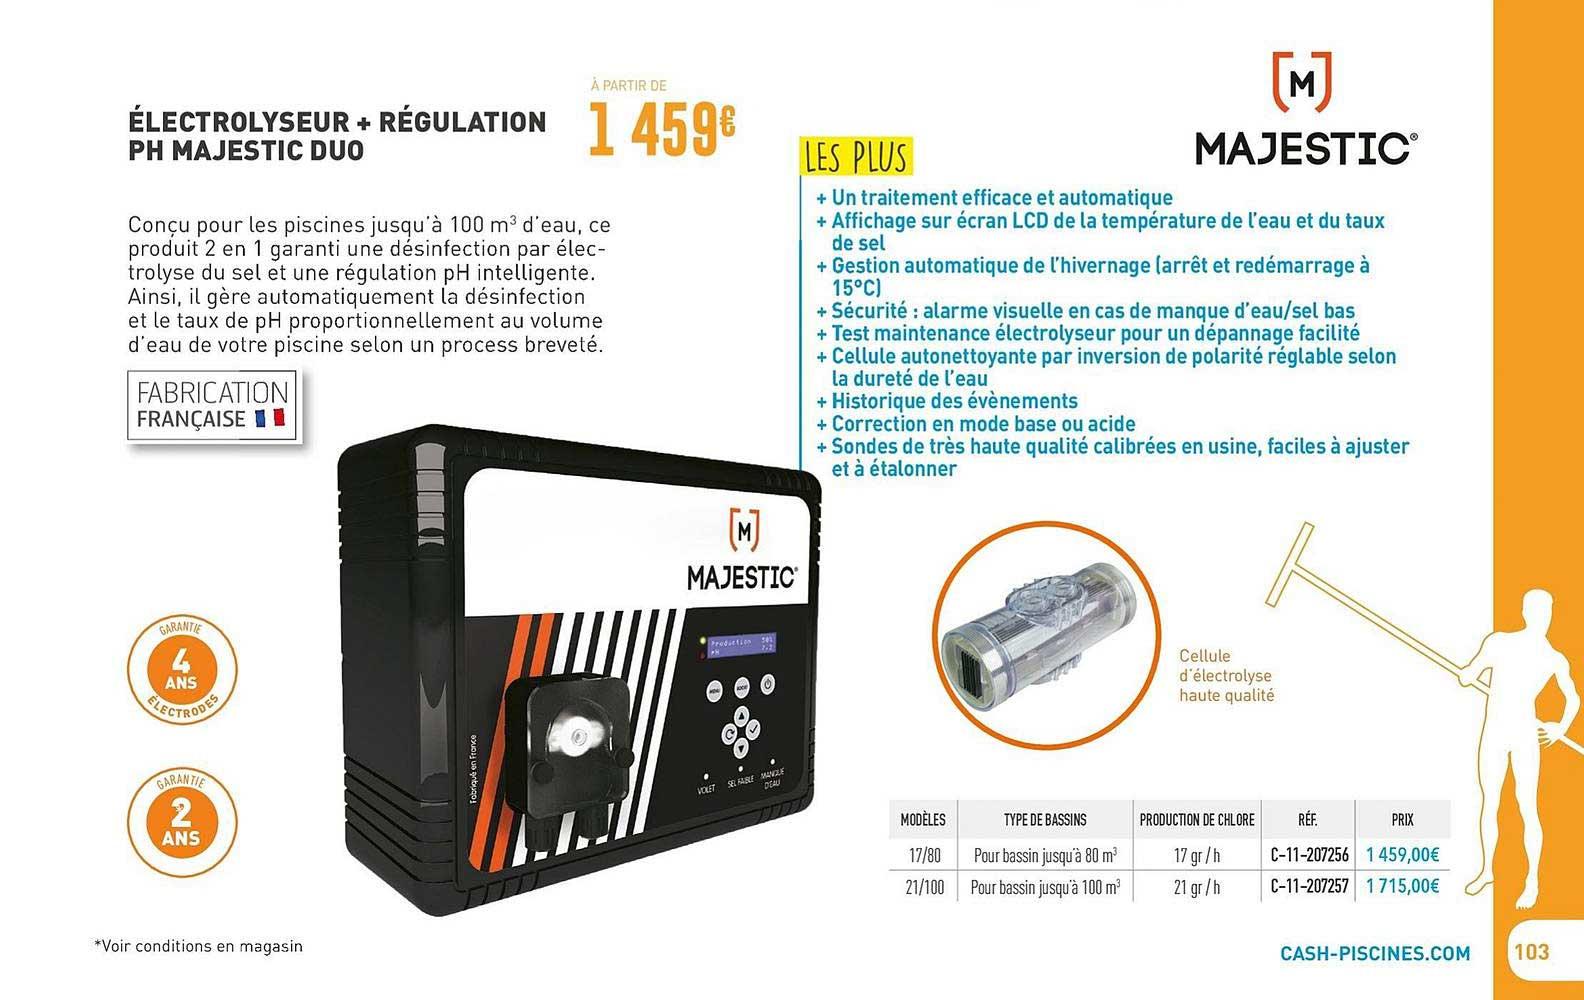 Cash Piscines électrolyseur + Régulation Ph Majestic Duo